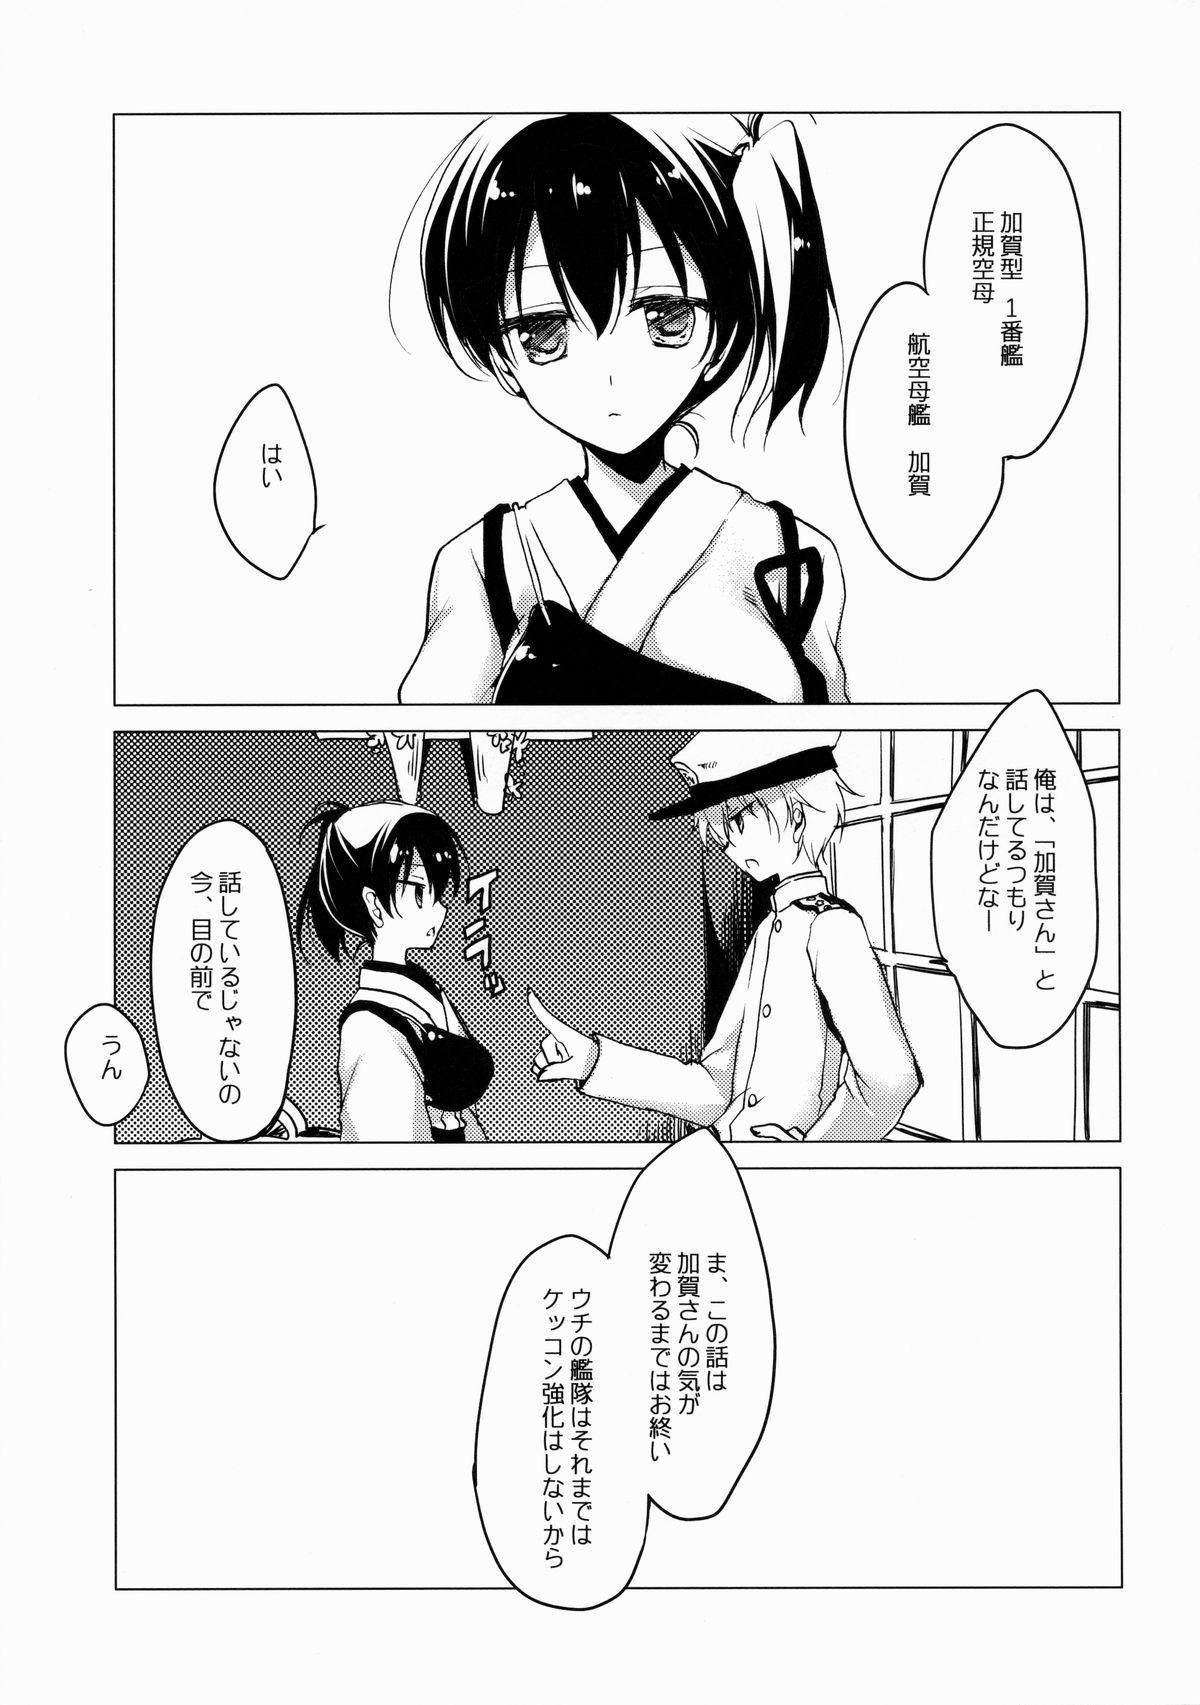 Haru no Mani Mani 5